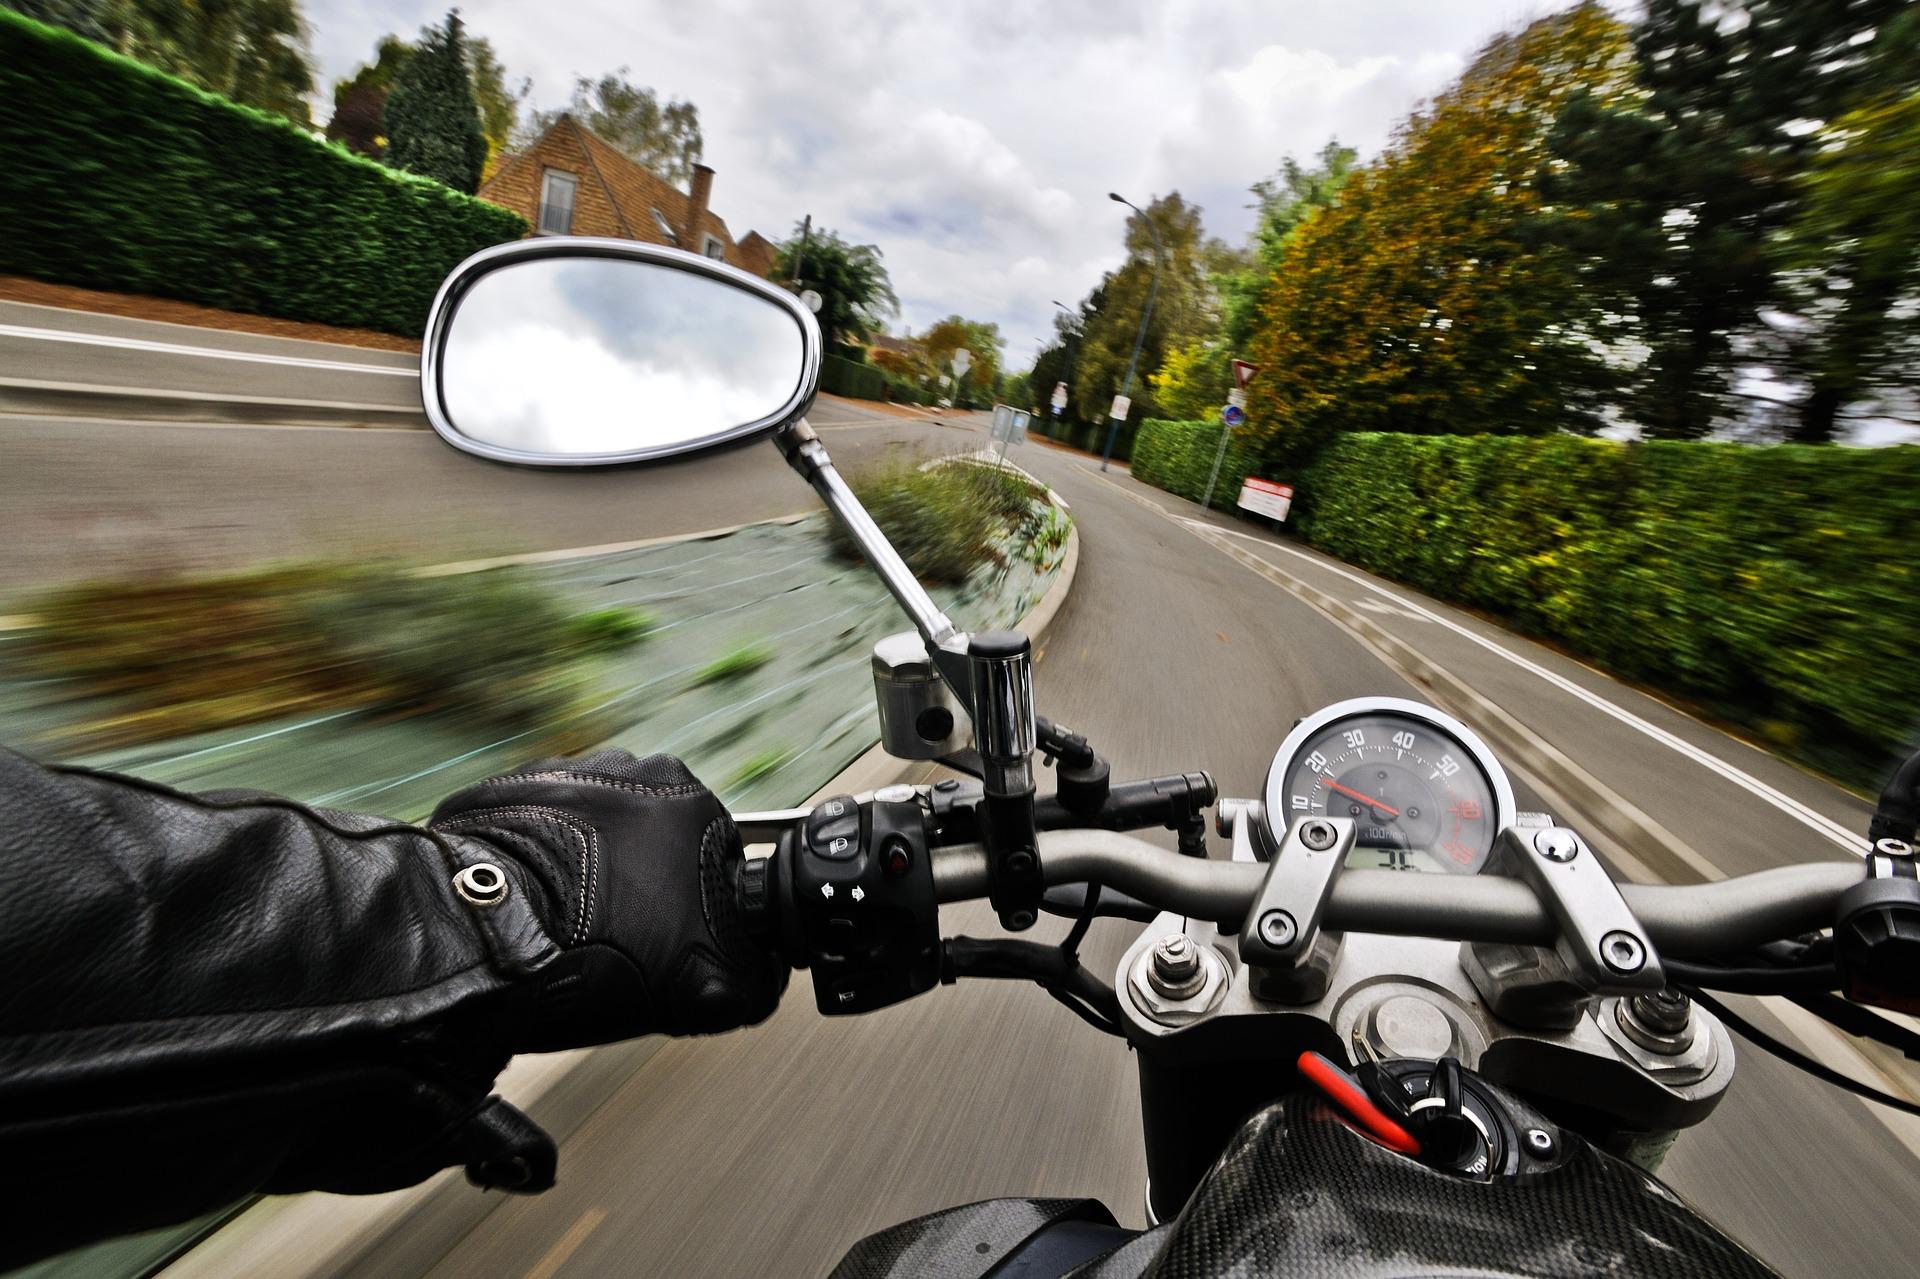 Imagem mostra uma moto em uma estrada com o retrovisor em destaque.